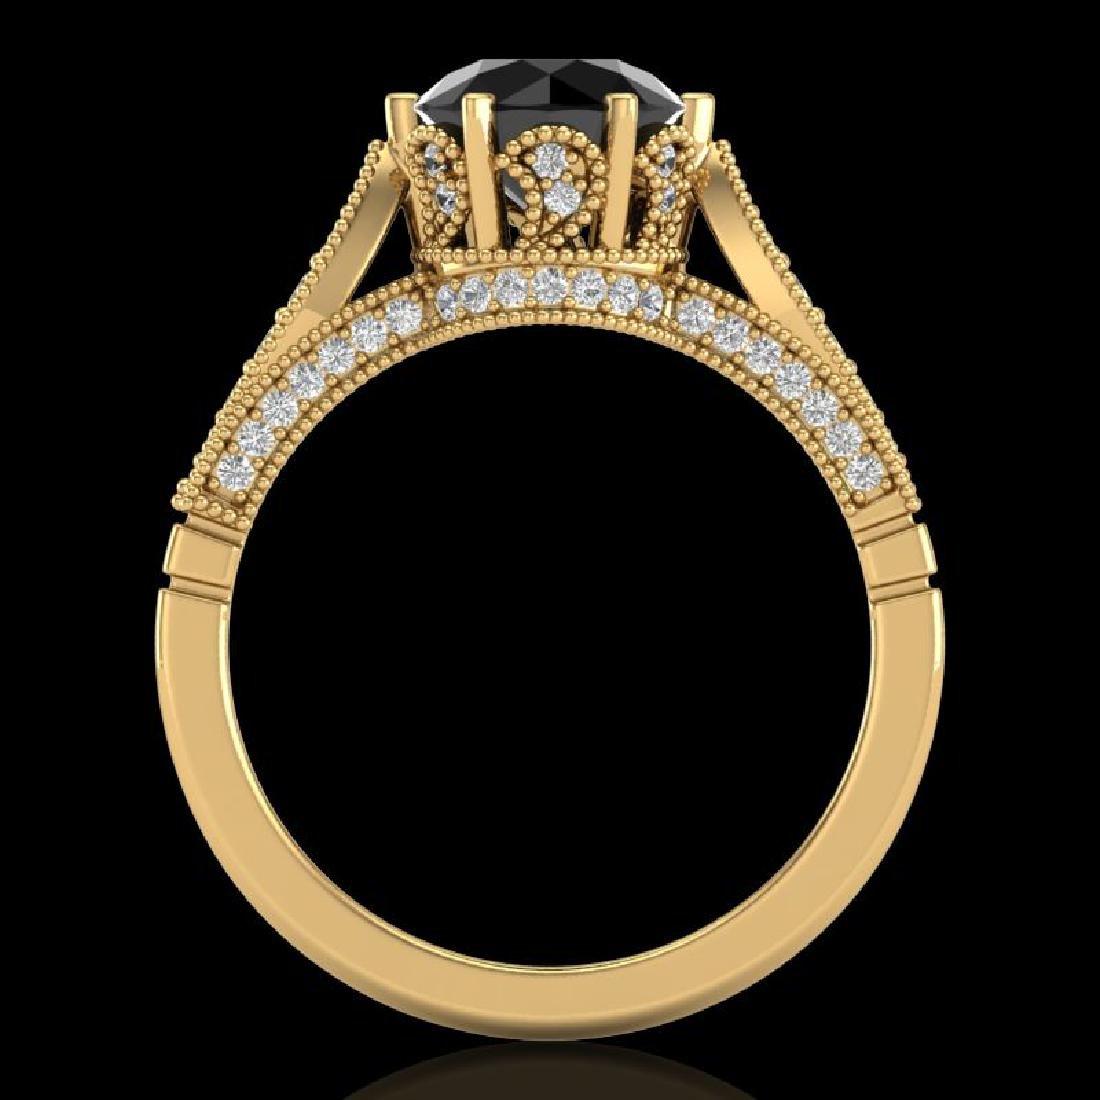 2.2 CTW Fancy Black Diamond Solitaire Engagement Art - 2